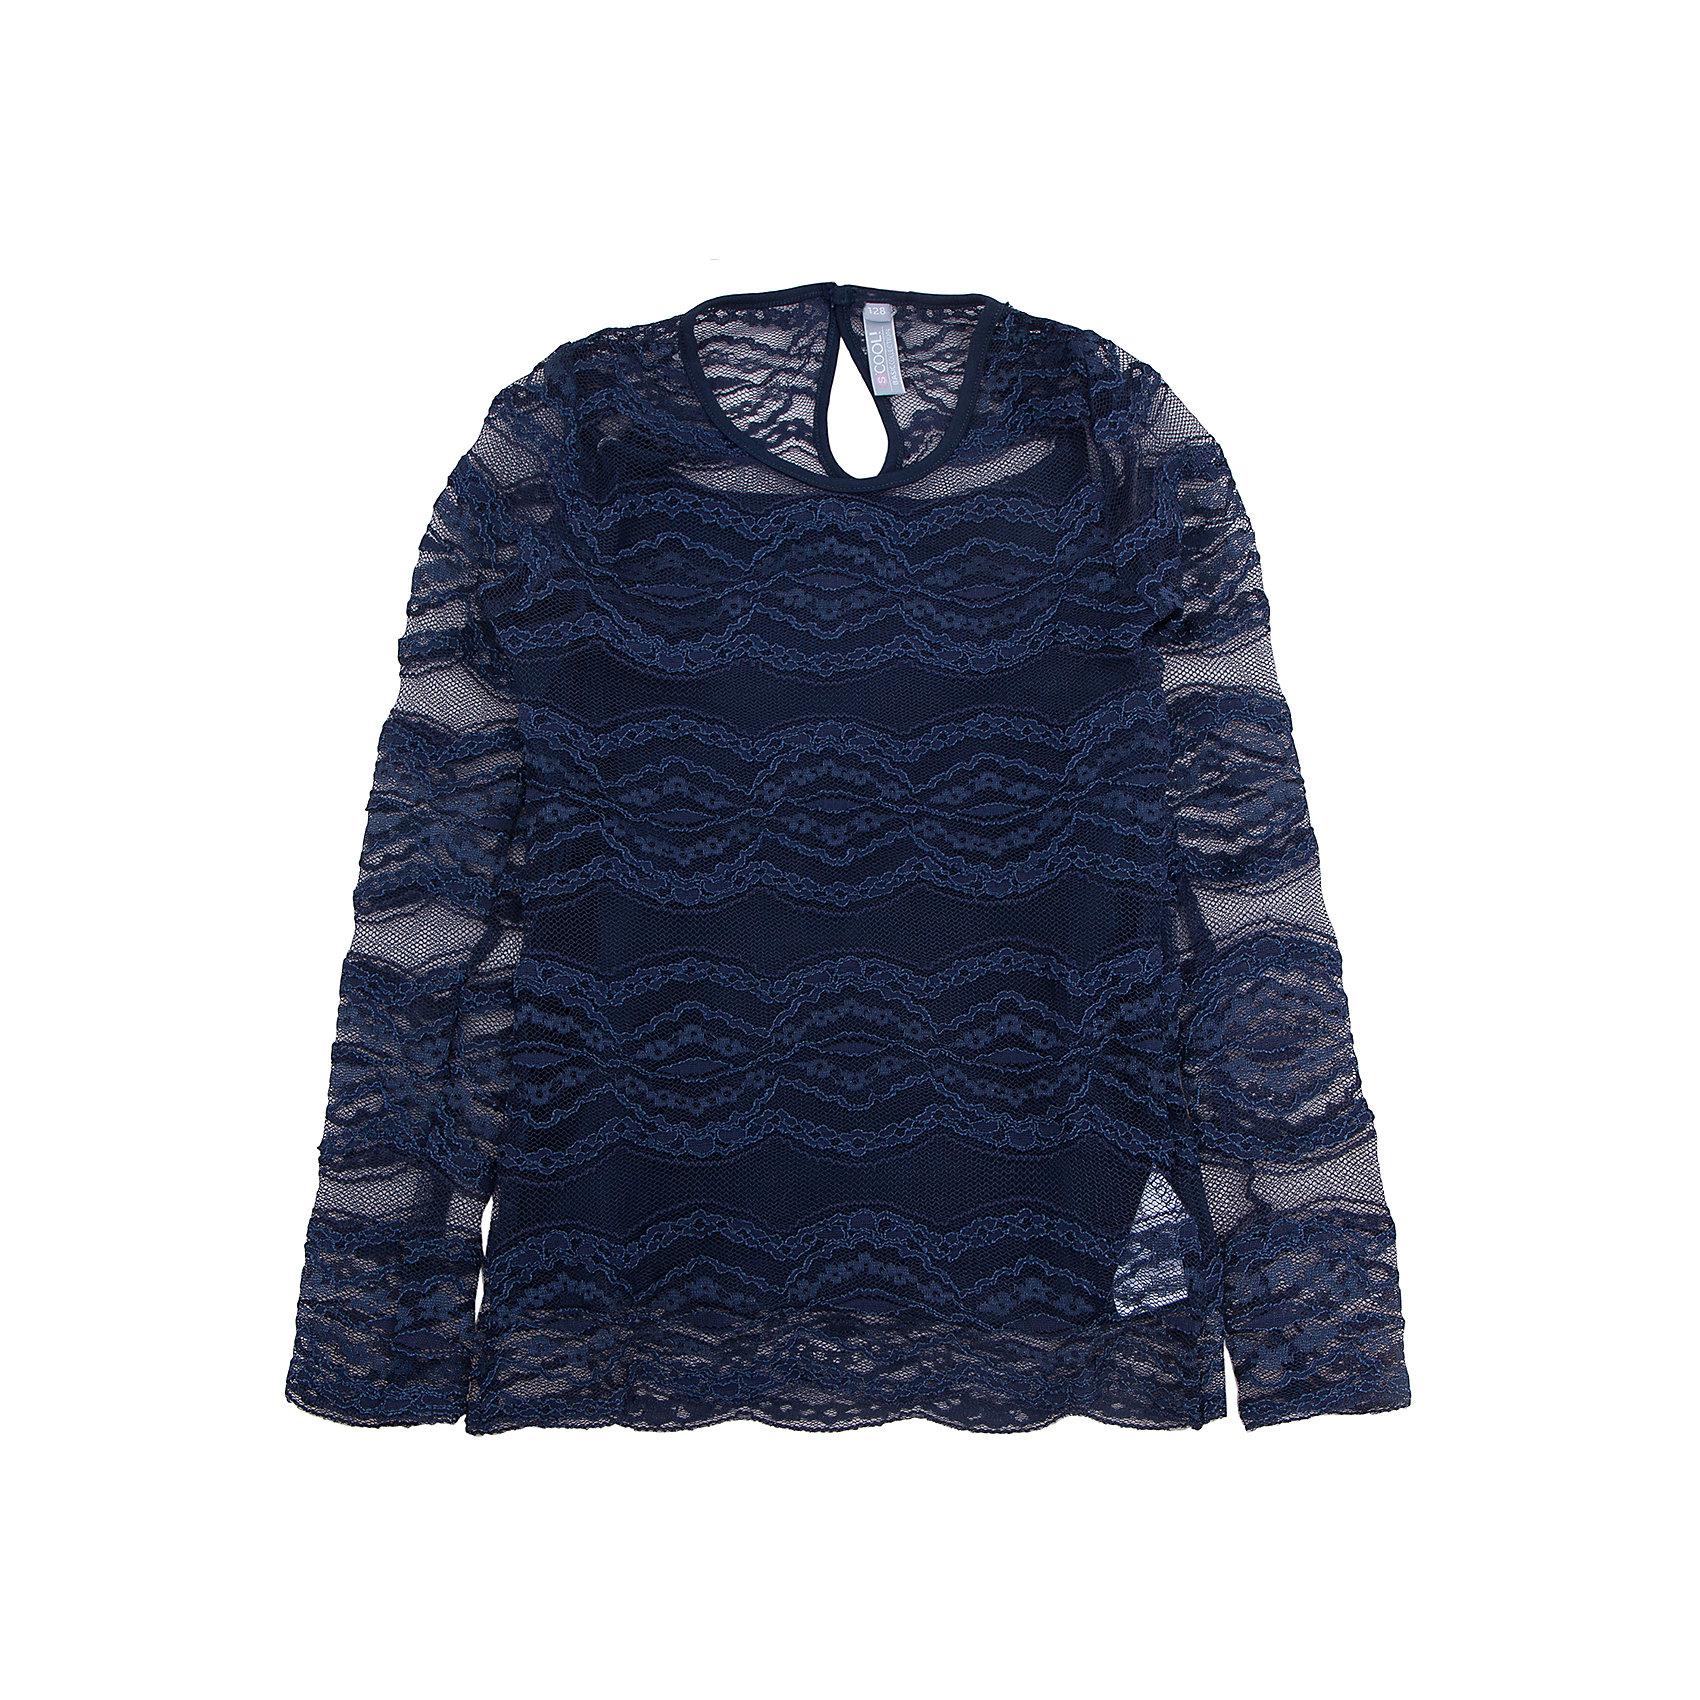 Блузка для девочки ScoolБлузки и рубашки<br>Характеристики:<br><br>• Вид одежды: блузка<br>• Сезон: круглый год<br>• Материал: верх – 100% полиамид, подкладка<br> – 95% хлопок, эластан – 5%<br>• Цвет: темно-синий<br>• Силуэт: прямой<br>• Длина рукава: длинный <br>• Воротник и горловина: круглая горловина<br>• Застежка: на спинке<br>• Особенности ухода: ручная стирка без применения отбеливающих средств, глажение при низкой температуре <br><br>Scool – это линейка детской одежды и обуви, которая предназначена как для повседневности, так и для праздников. Большинство моделей выполнены в классическом стиле, сочетающем в себе традиции с яркими стильными элементами и аксессуарами. Весь ассортимент одежды и обуви Scool сочетается между собой по стилю и цветовому решению, поэтому Вам будет легко сформировать гардероб вашего ребенка, который отражает его индивидуальность. <br>Верхняя часть блузки для девочки Scool выполнена из кружевного полотна, внутренняя – из сочетания хлопка и эластана, что обеспечивает износоустойчивость и сохранение формы даже при длительной носке и частых стирках. Изделие выполнено в классическом стиле: имеет прямой крой, длинный рукав и круглую горловину. Кружевное полотно фантазийного рисунка придает блузке особую женственность и воздушность. Сзади на спинке предусмотрена застежка на пуговицу. Блузка для девочки Scool, - это идеальный вариант для школьных будней!<br><br>Блузку для девочки Scool, можно купить в нашем интернет-магазине.<br><br>Ширина мм: 186<br>Глубина мм: 87<br>Высота мм: 198<br>Вес г: 197<br>Цвет: синий<br>Возраст от месяцев: 72<br>Возраст до месяцев: 84<br>Пол: Женский<br>Возраст: Детский<br>Размер: 128,134,140,146,152,158,122,164<br>SKU: 5078501